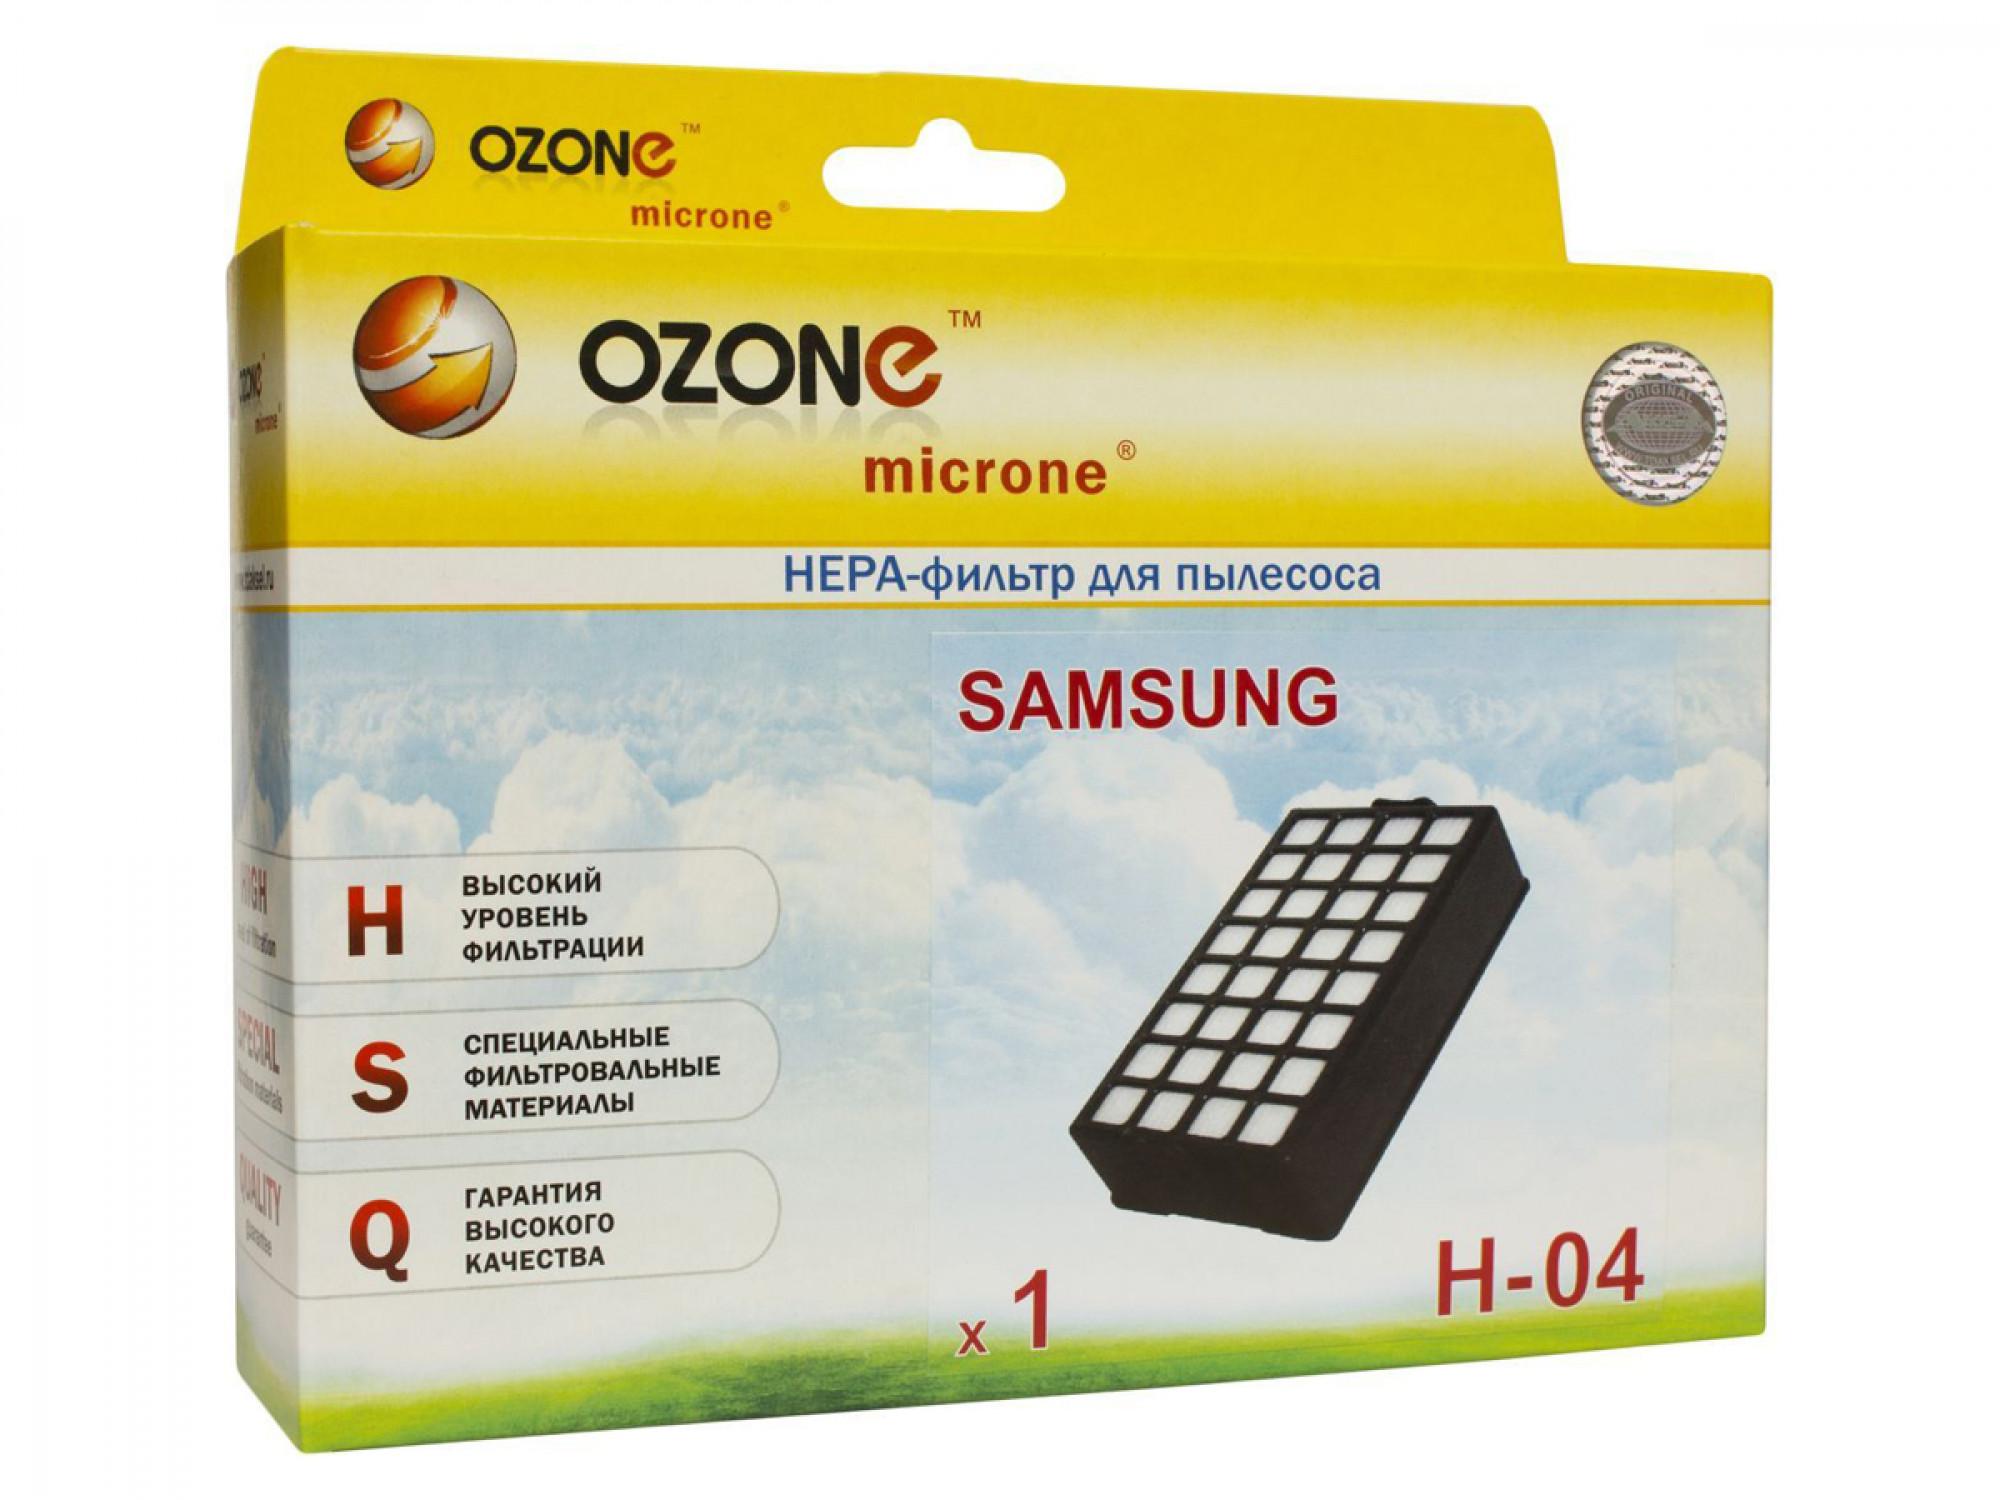 փոշեկուլի զտիչ OZONE H-04 HEPA